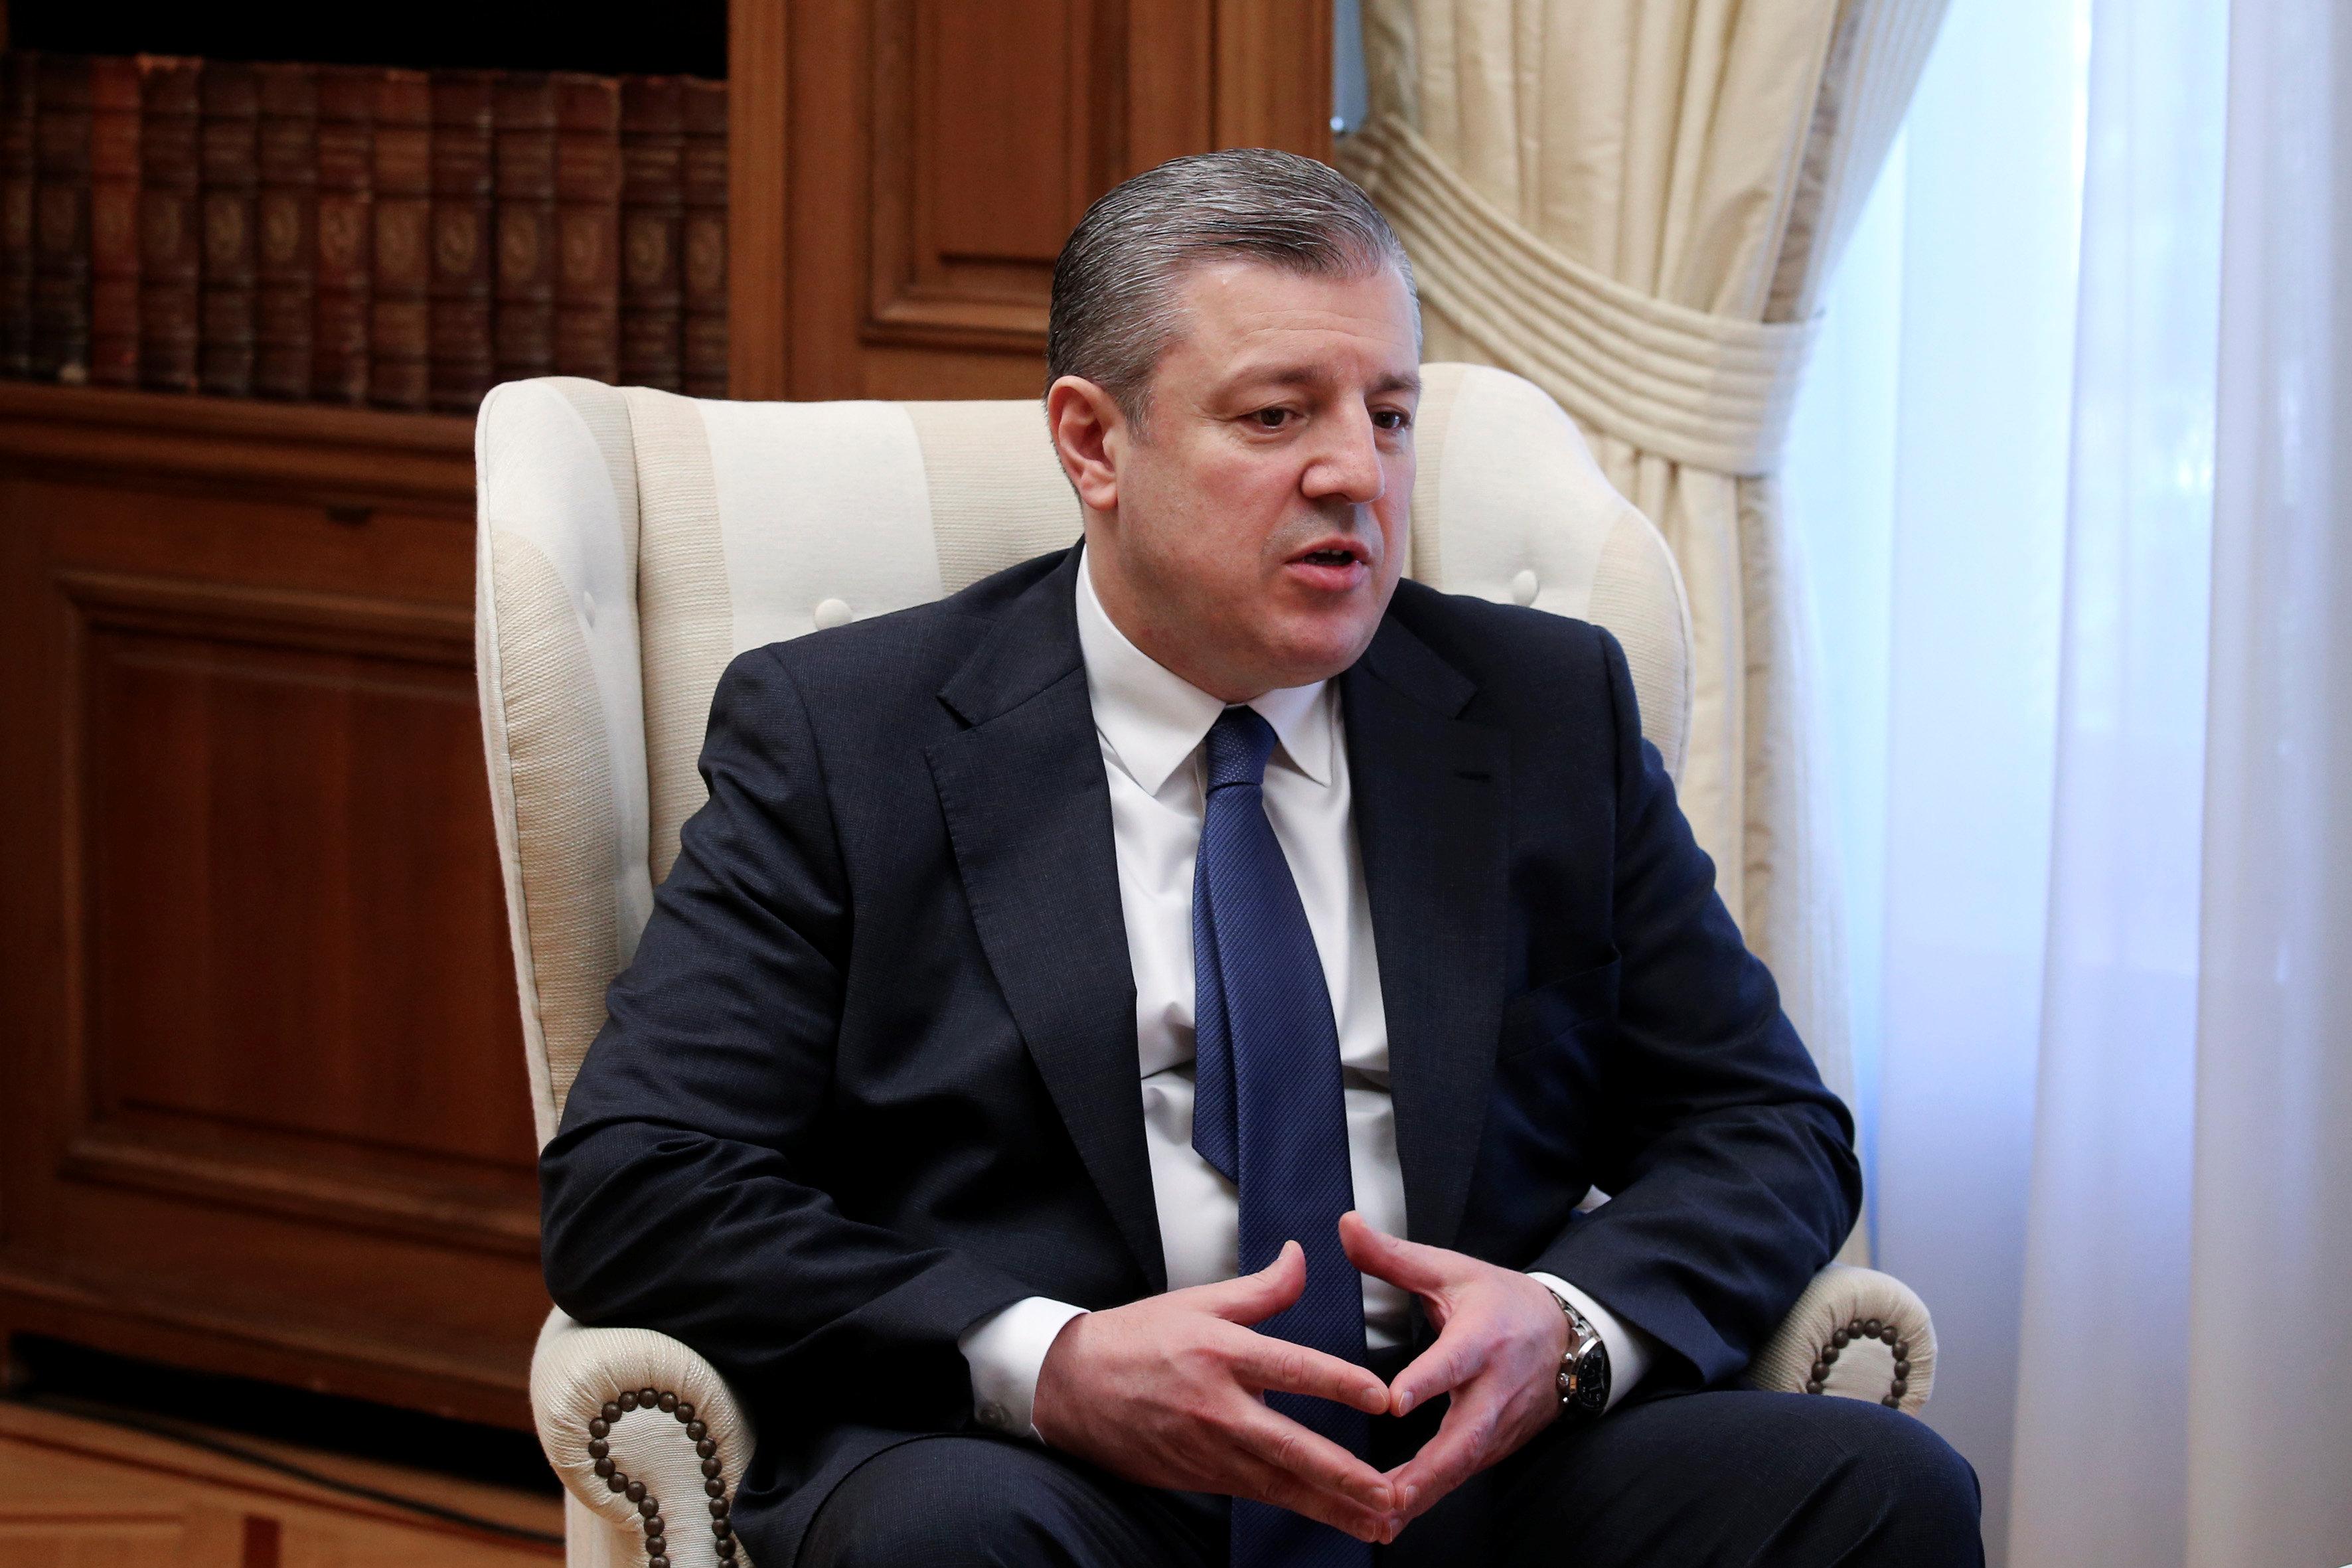 Γεωργία: Παραιτήθηκε ο πρωθυπουργός λόγω διαφωνιών με τον ηγέτη του κυβερνώντος κόμματος (και πλουσιότερο άνθρωπο της